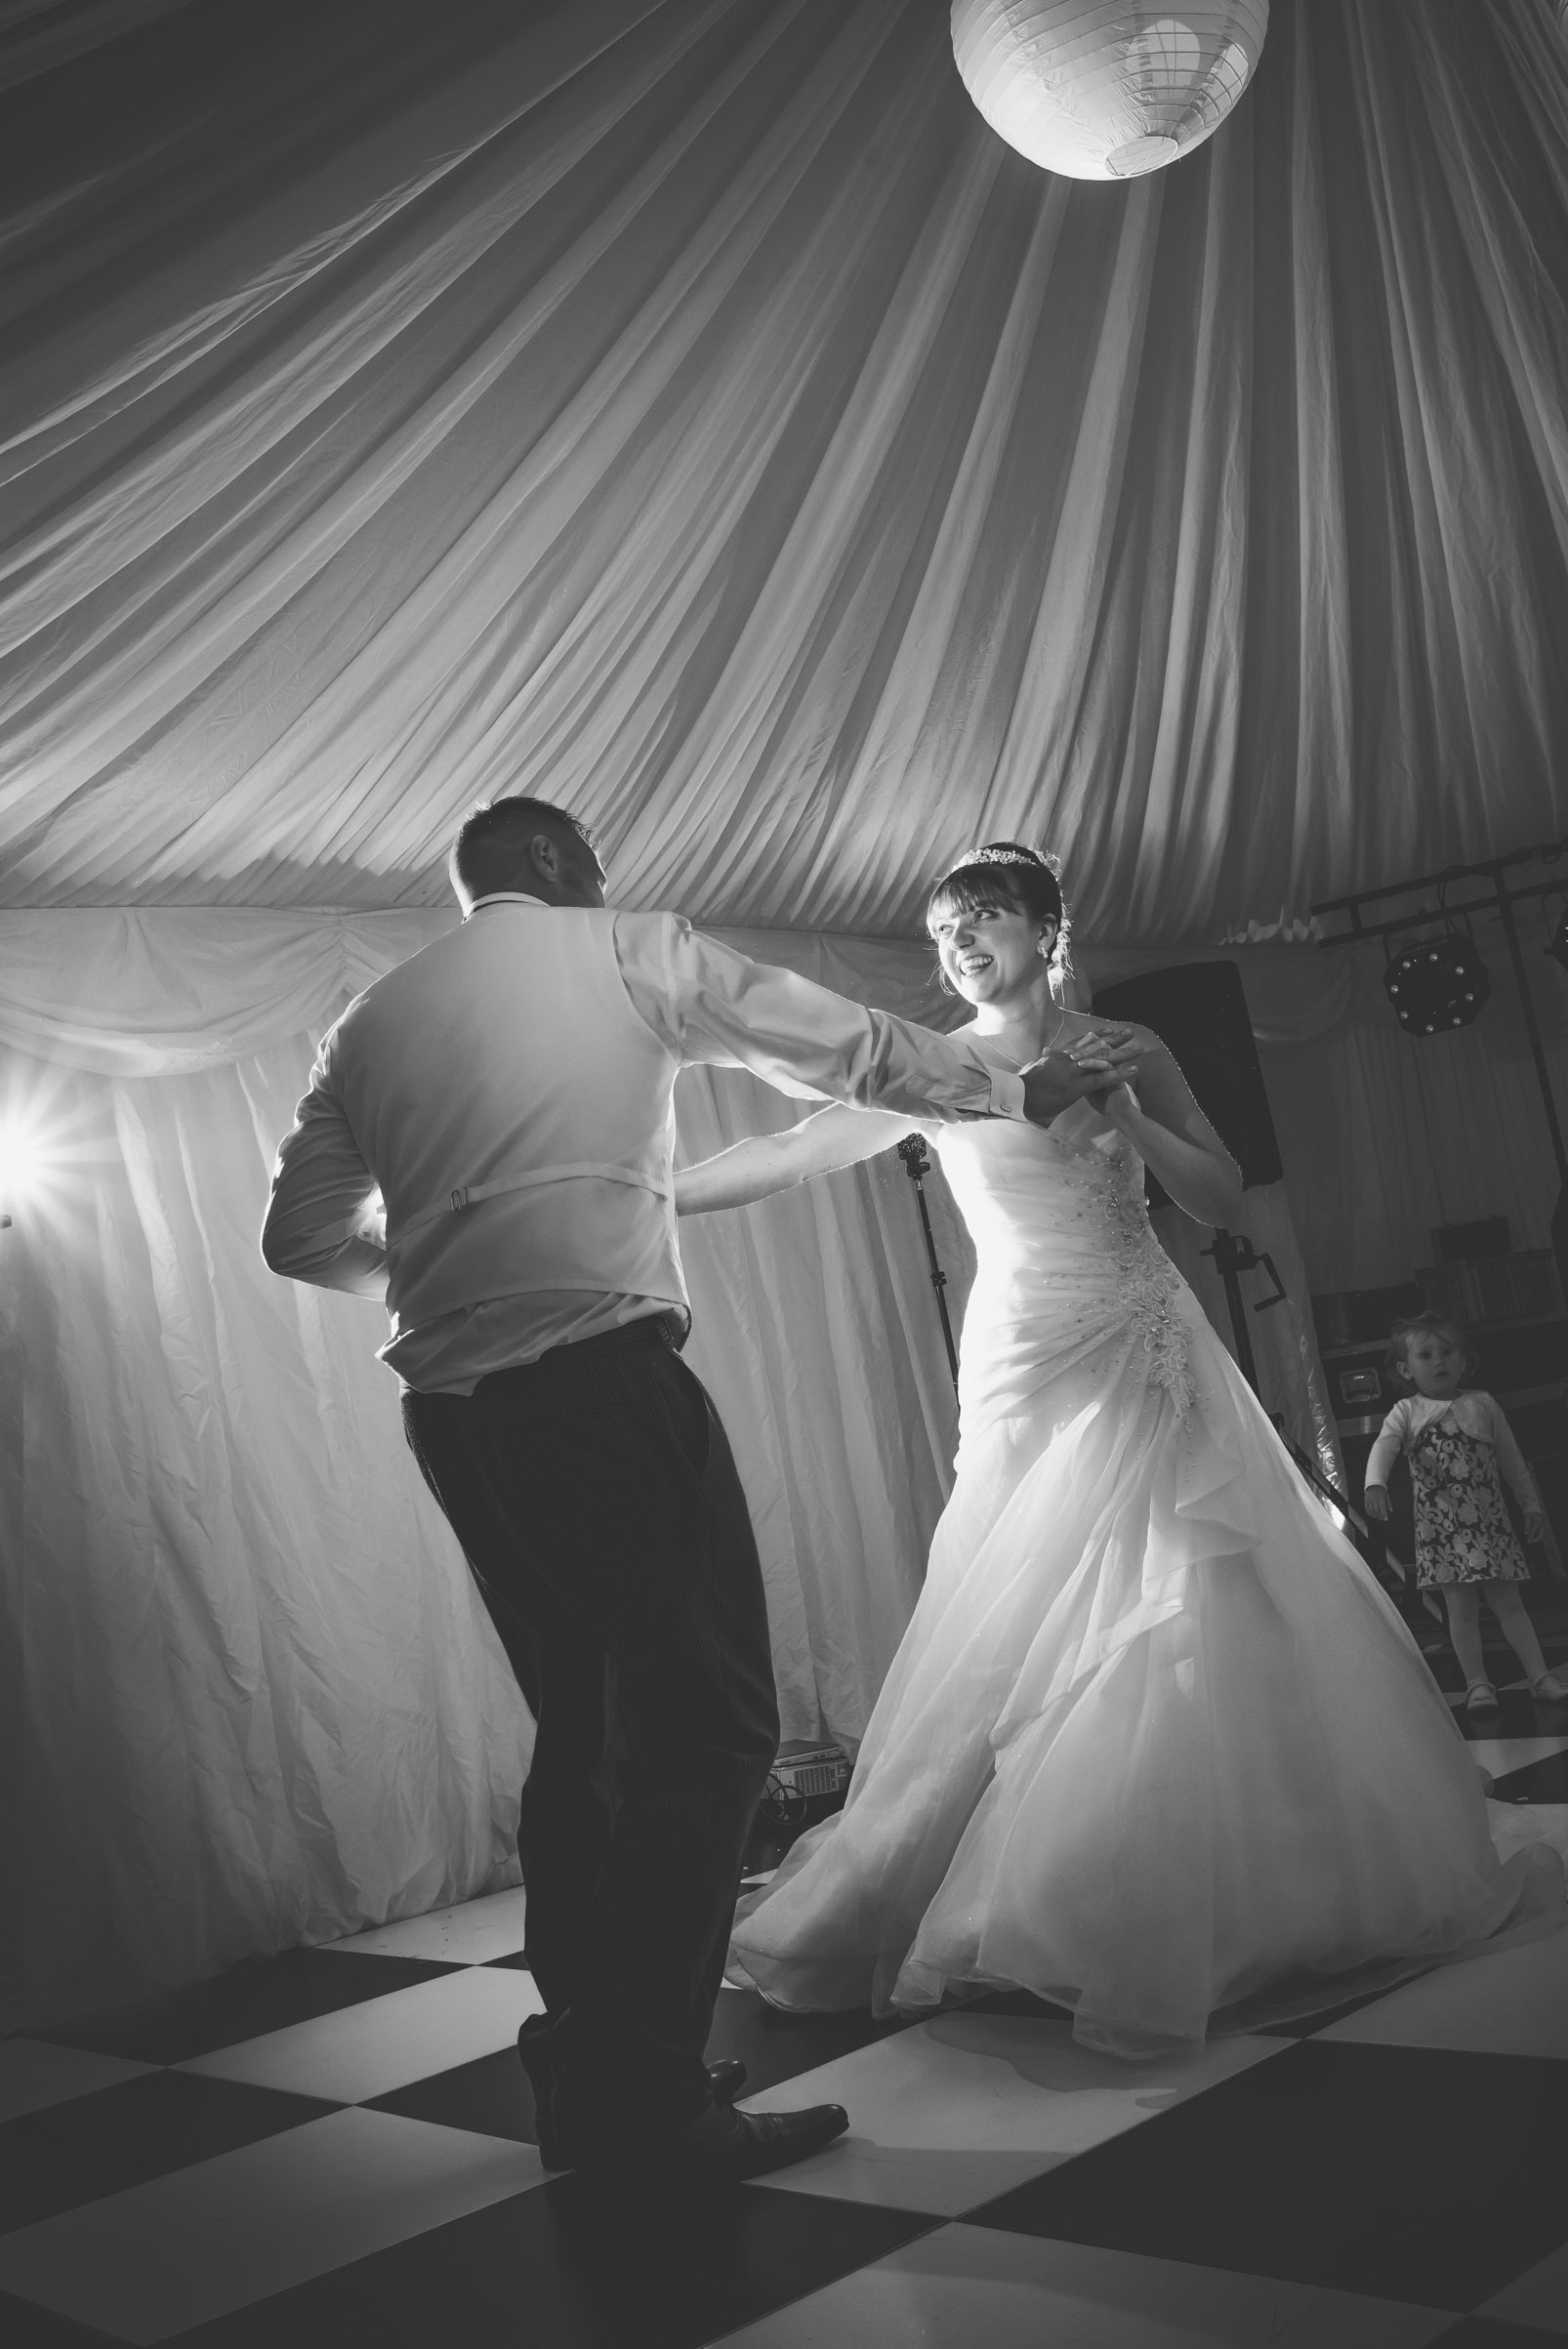 Farm-wedding-staffordshire-st-marys-catholic-church-uttoxter-125.jpg